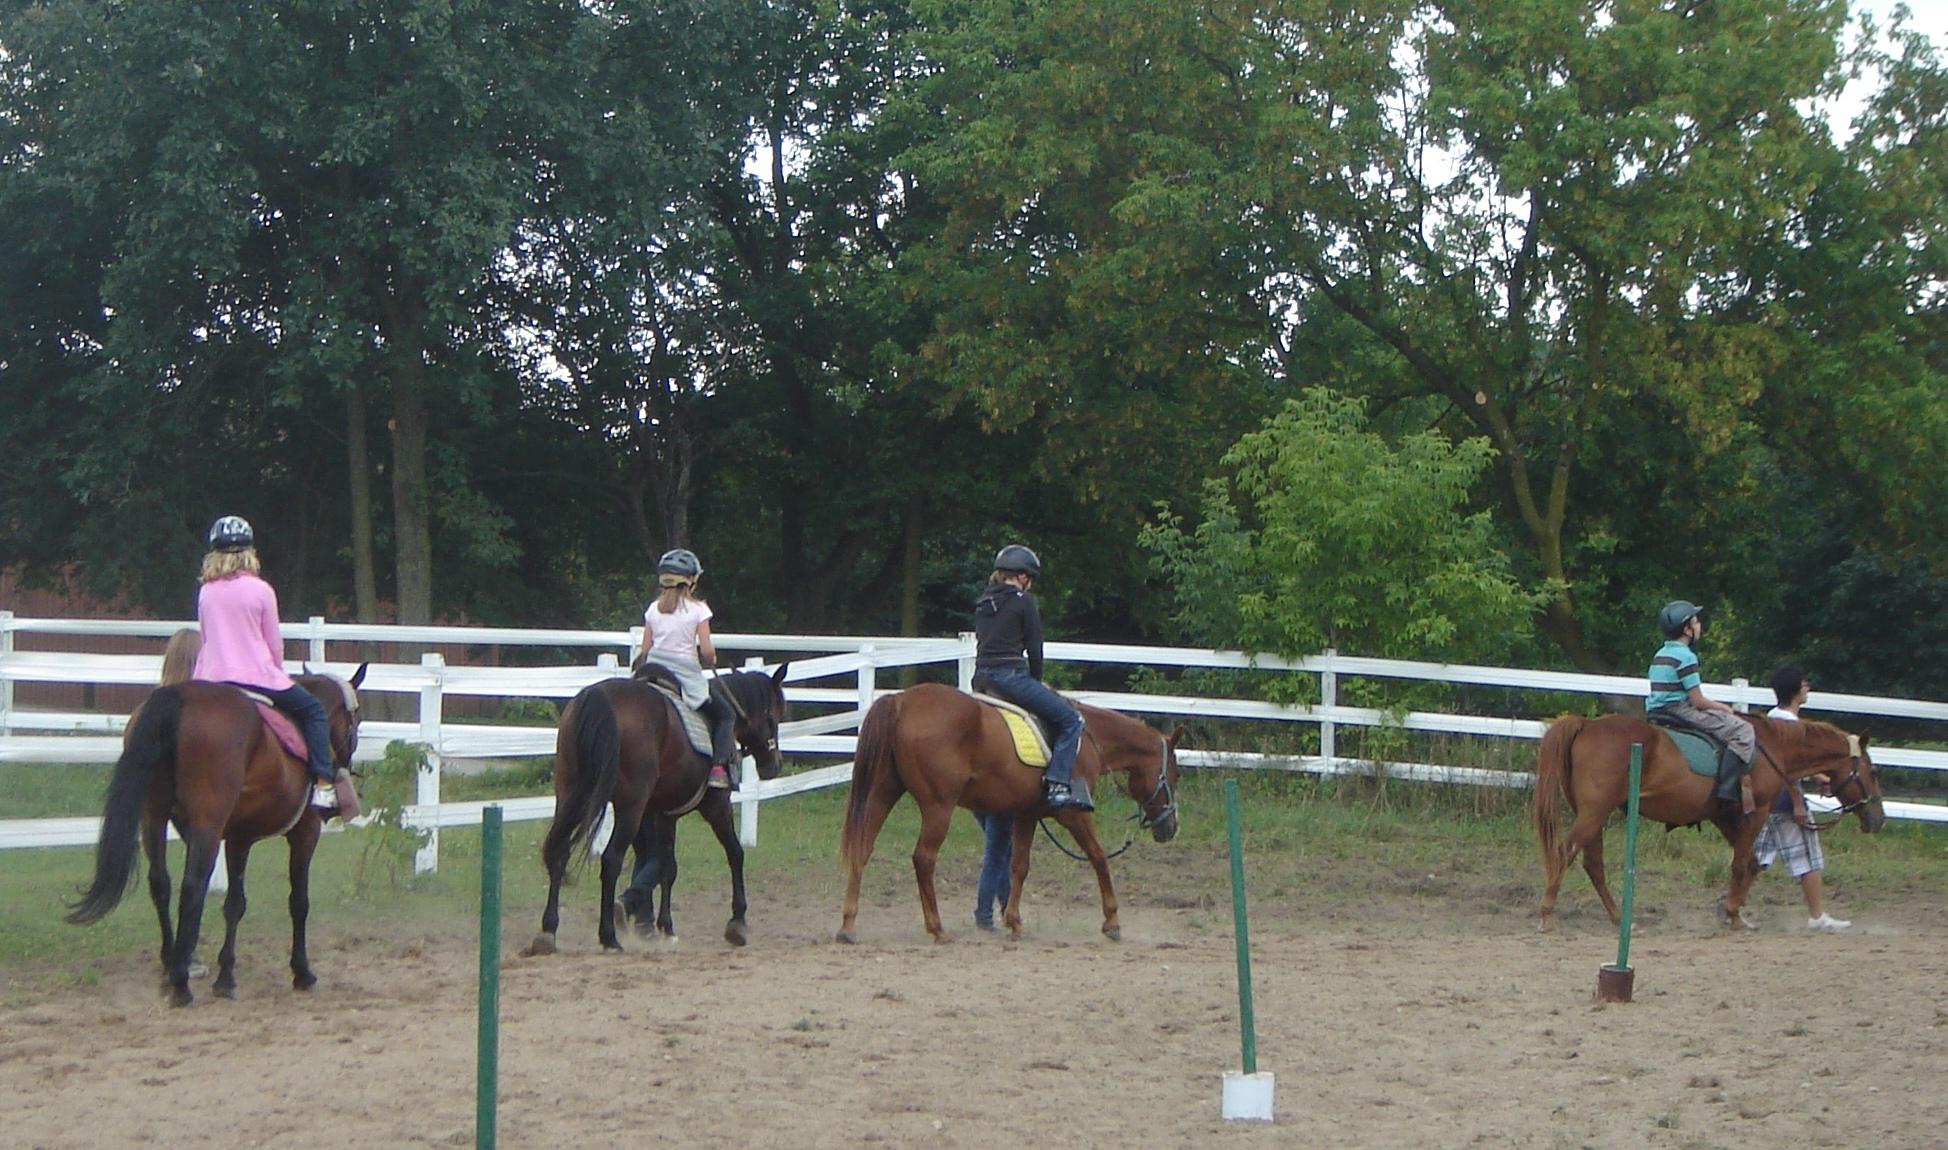 campers on horseback